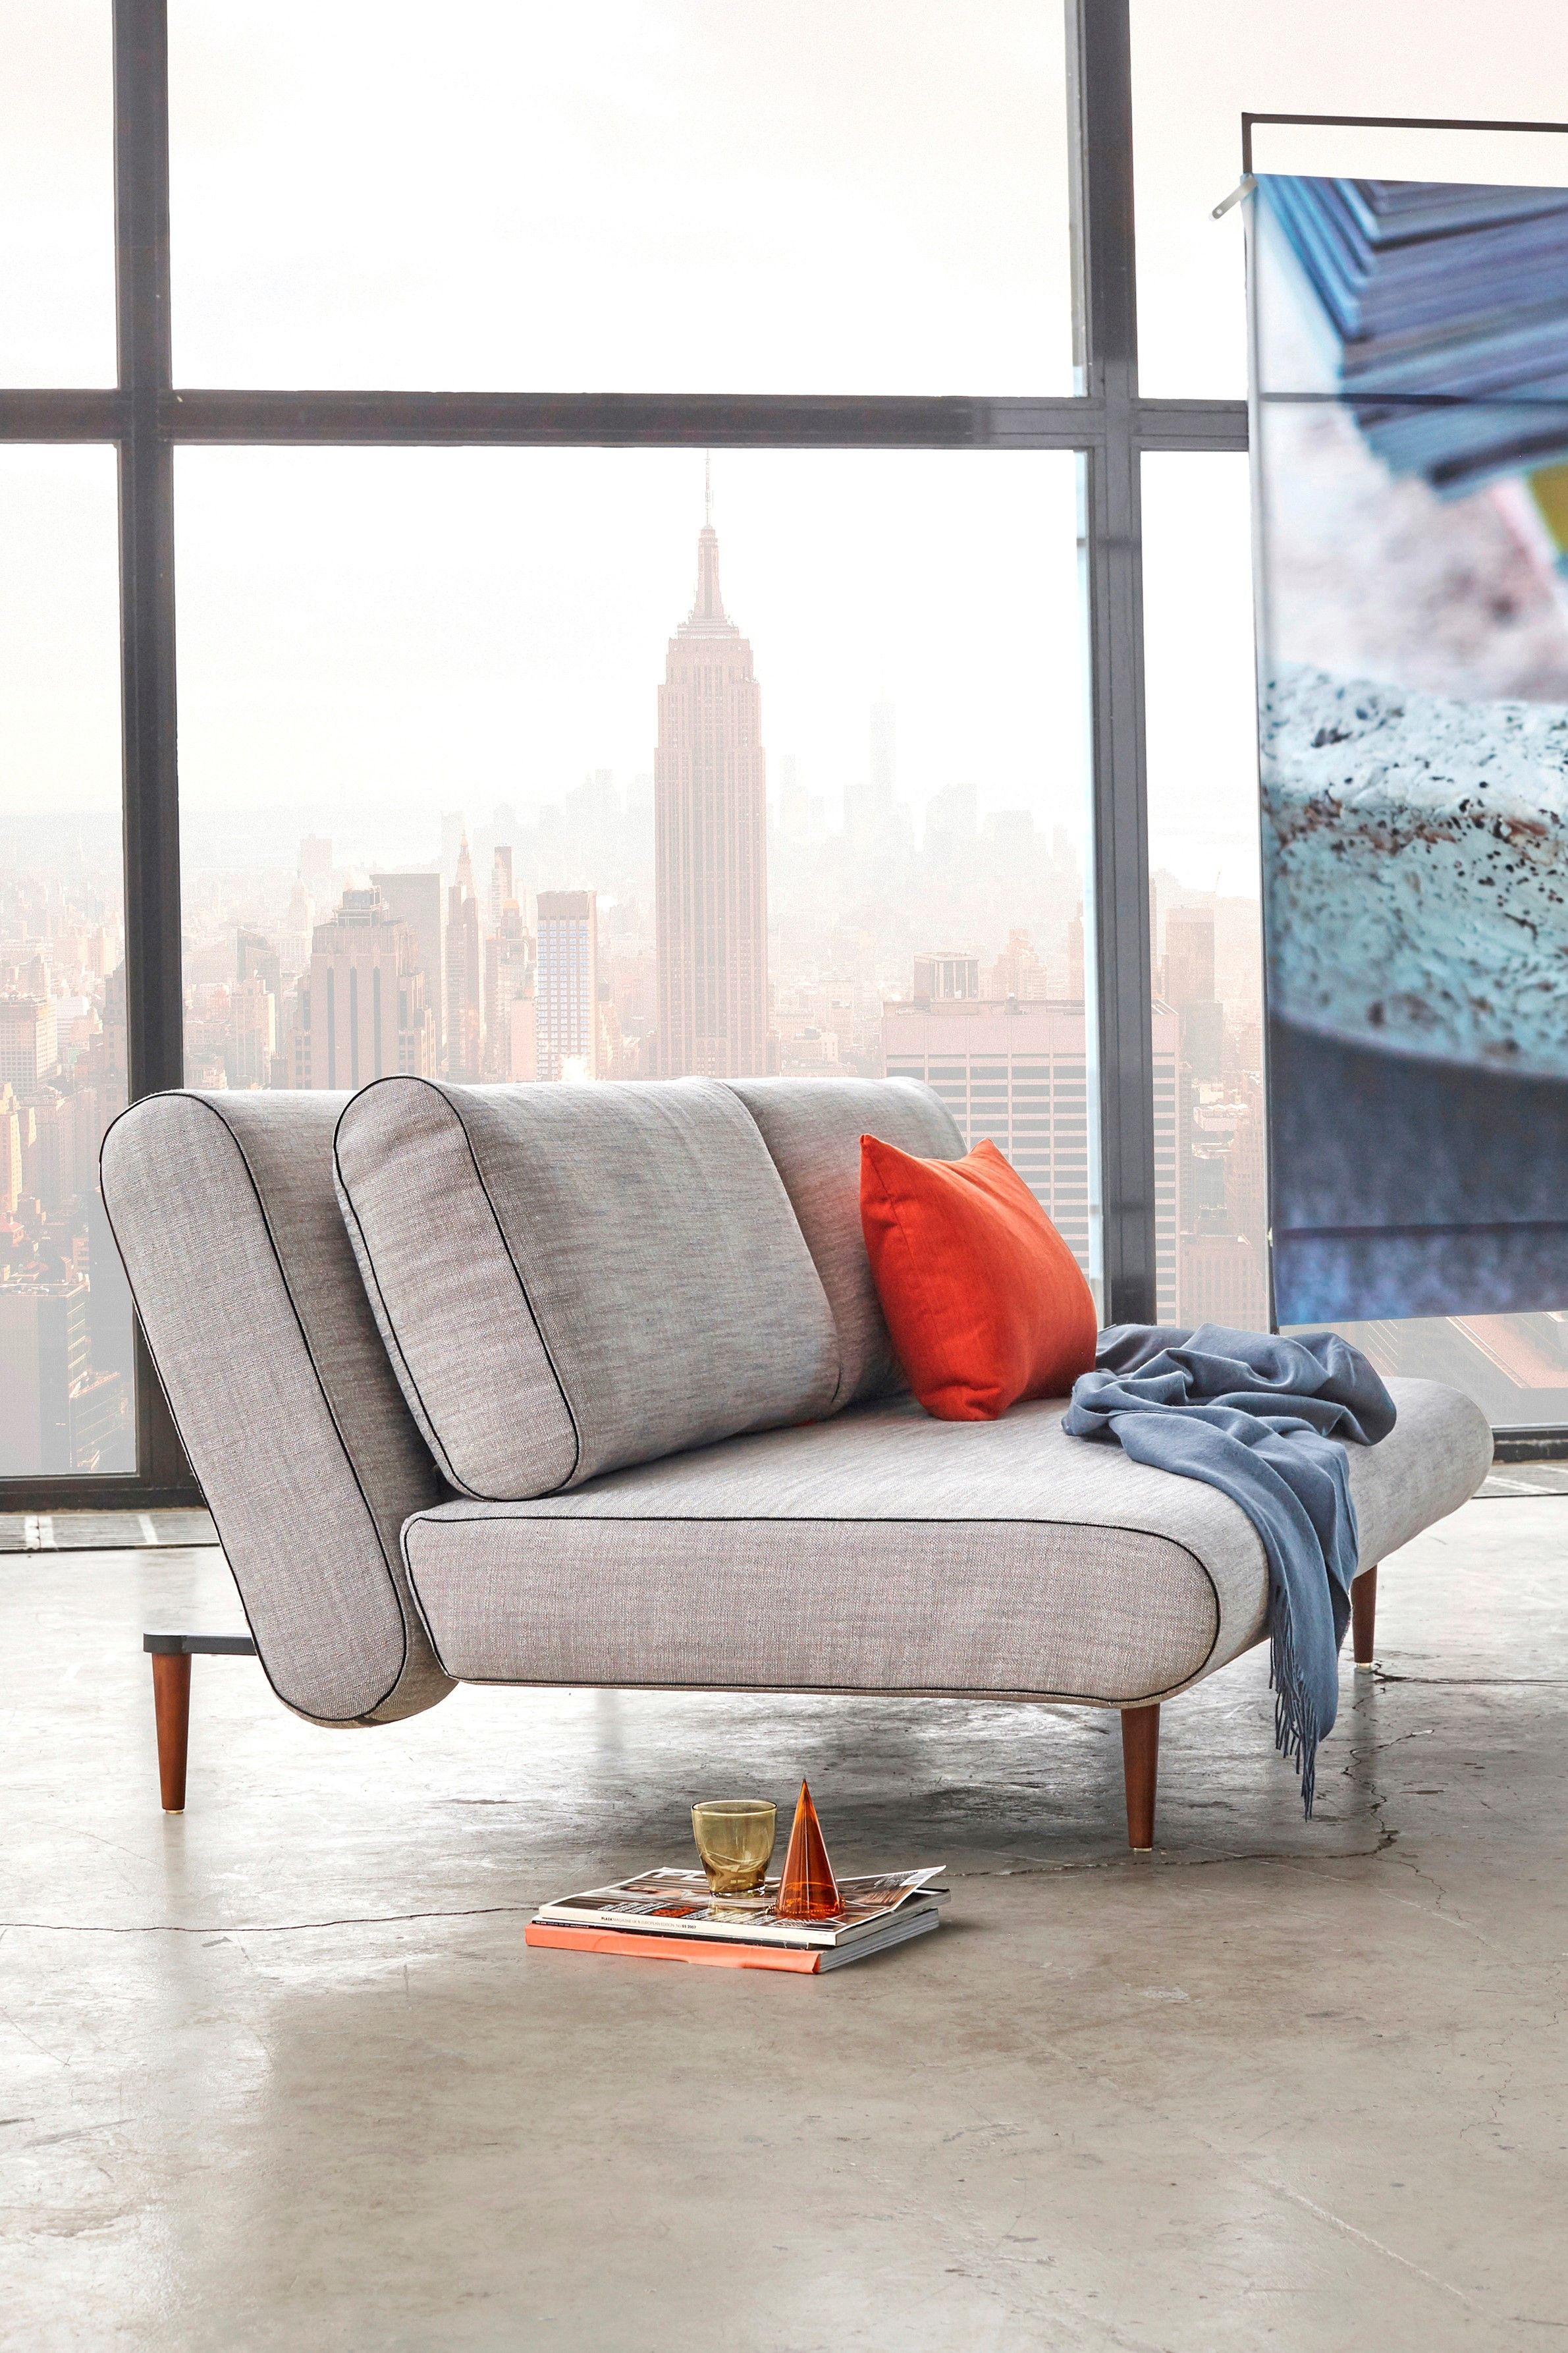 Schlafsofa Unfurl Lounger Ecksofa Design Sofa Design Innovation Schlafsofa